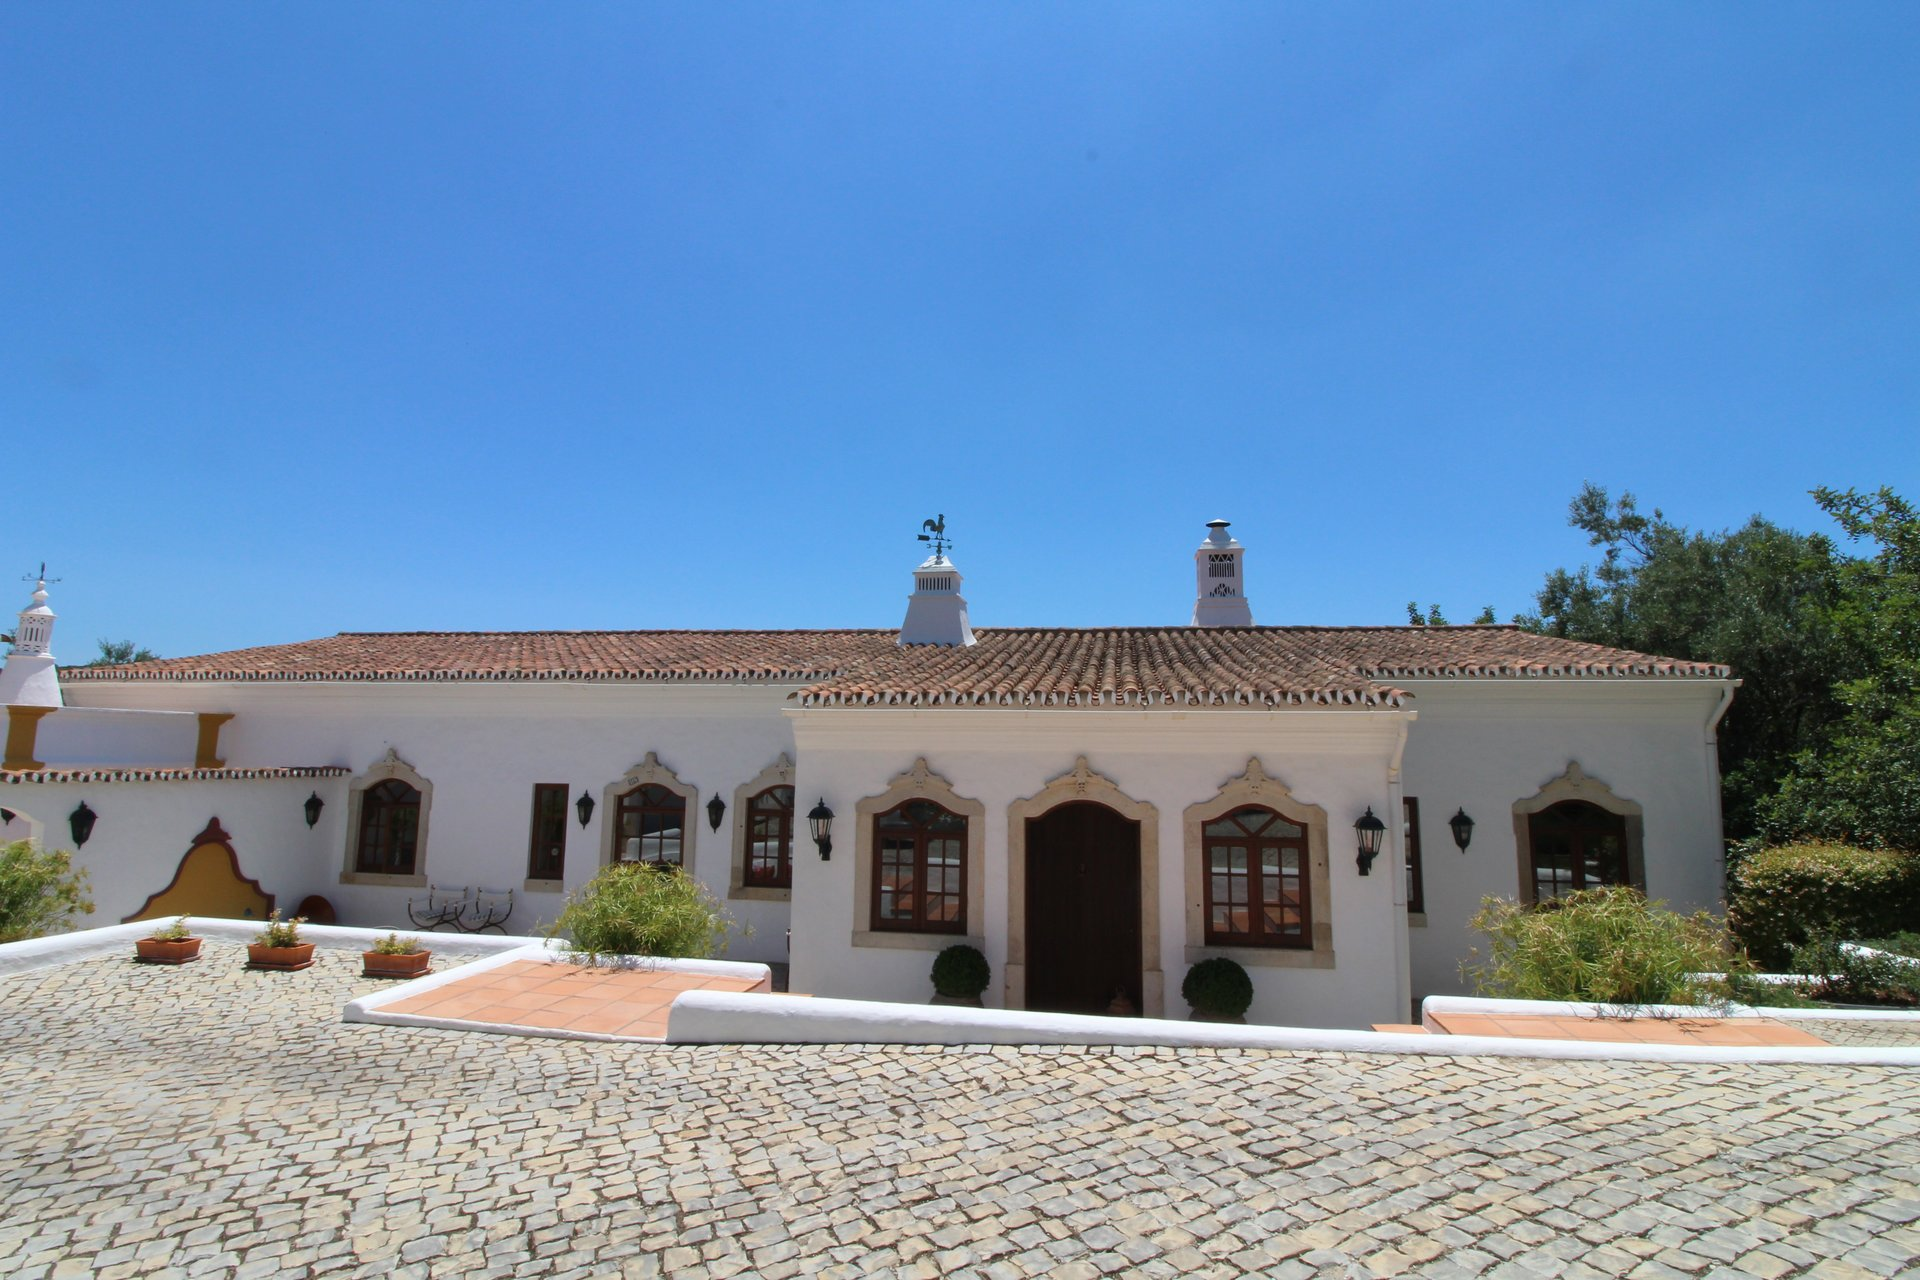 4 Bedroom Villa Loule, Central Algarve Ref: MV21325